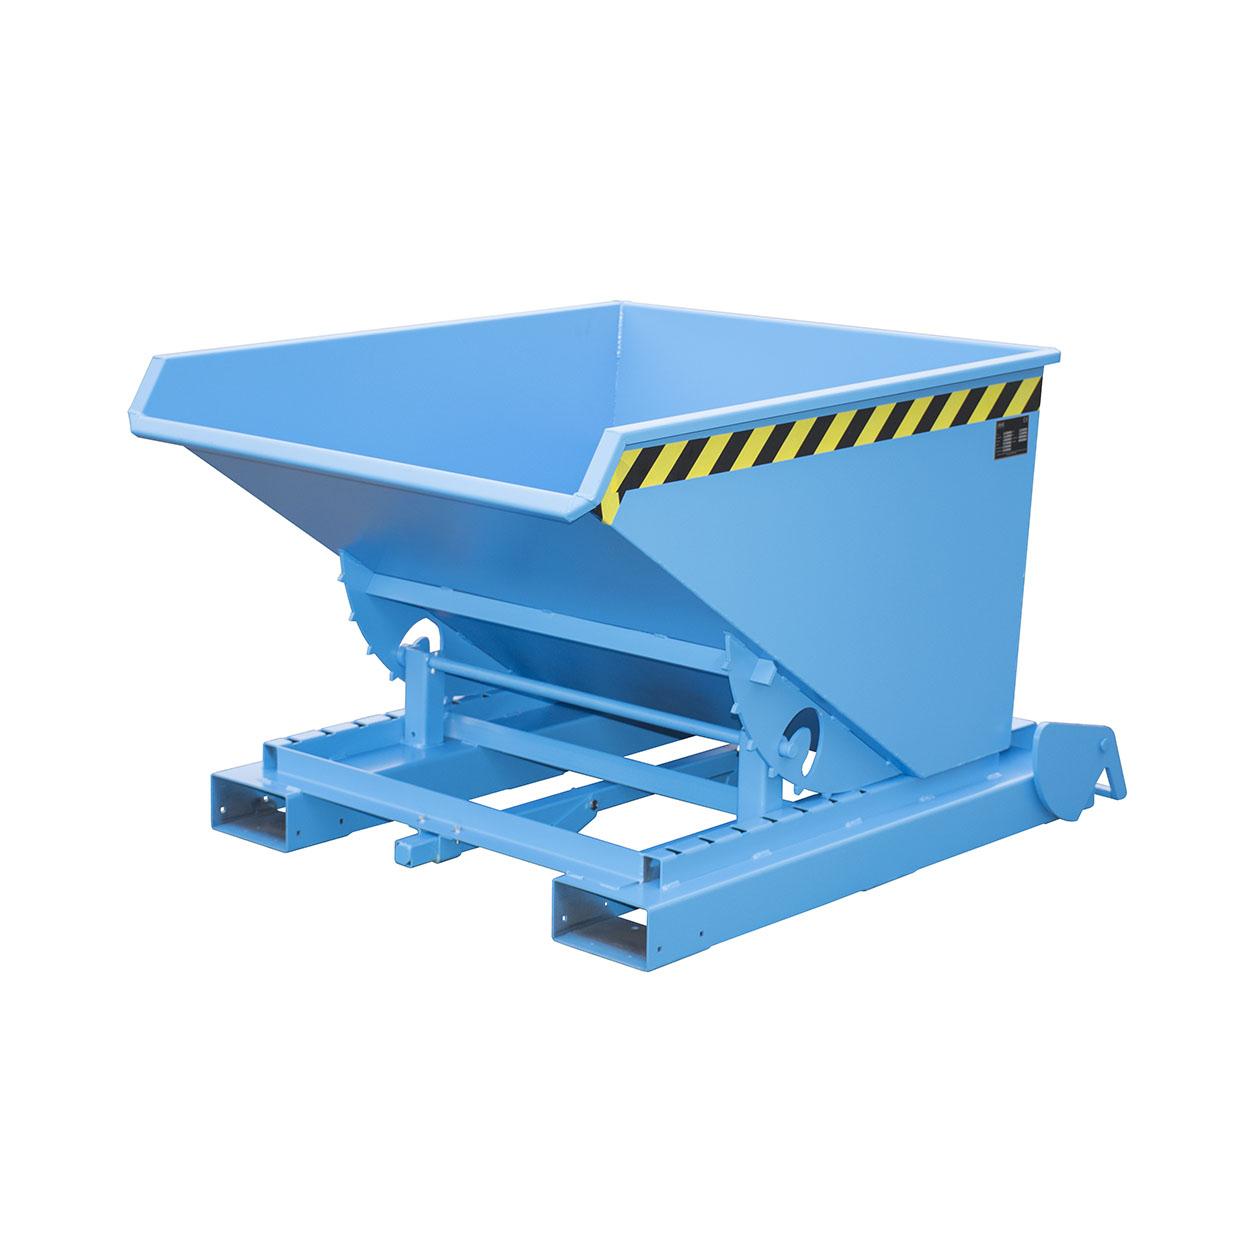 Automatický výklopný kontejner s rolovacím mechanismem